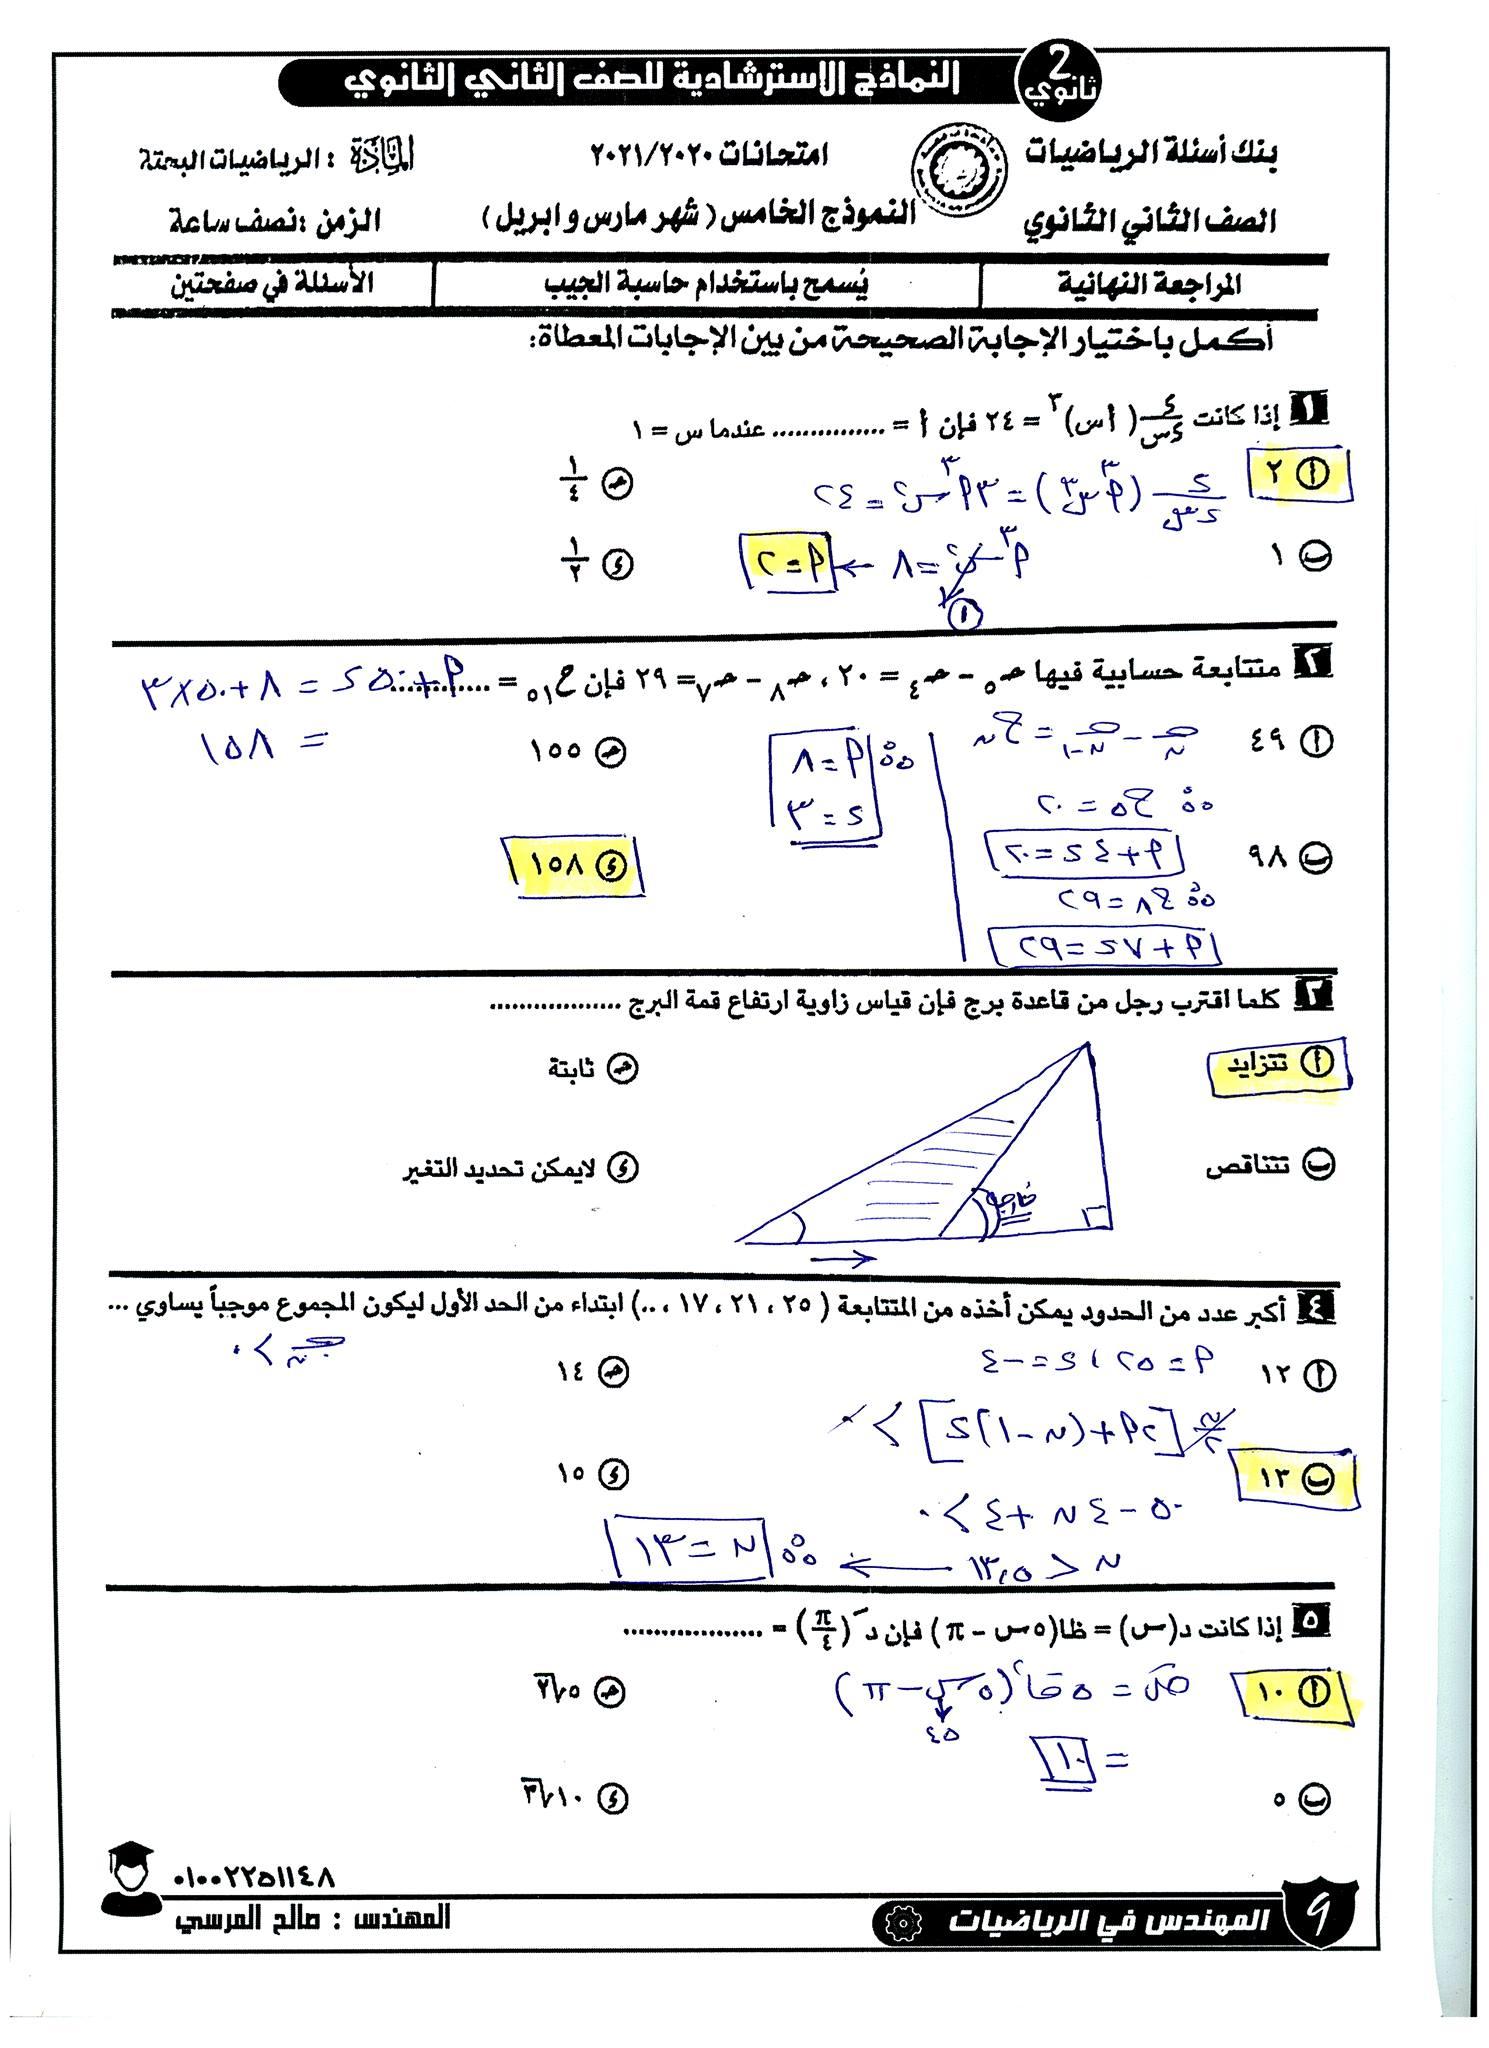 مراجعة ليلة امتحان الرياضيات البحتة للصف الثاني الثانوي بالاجابات 9